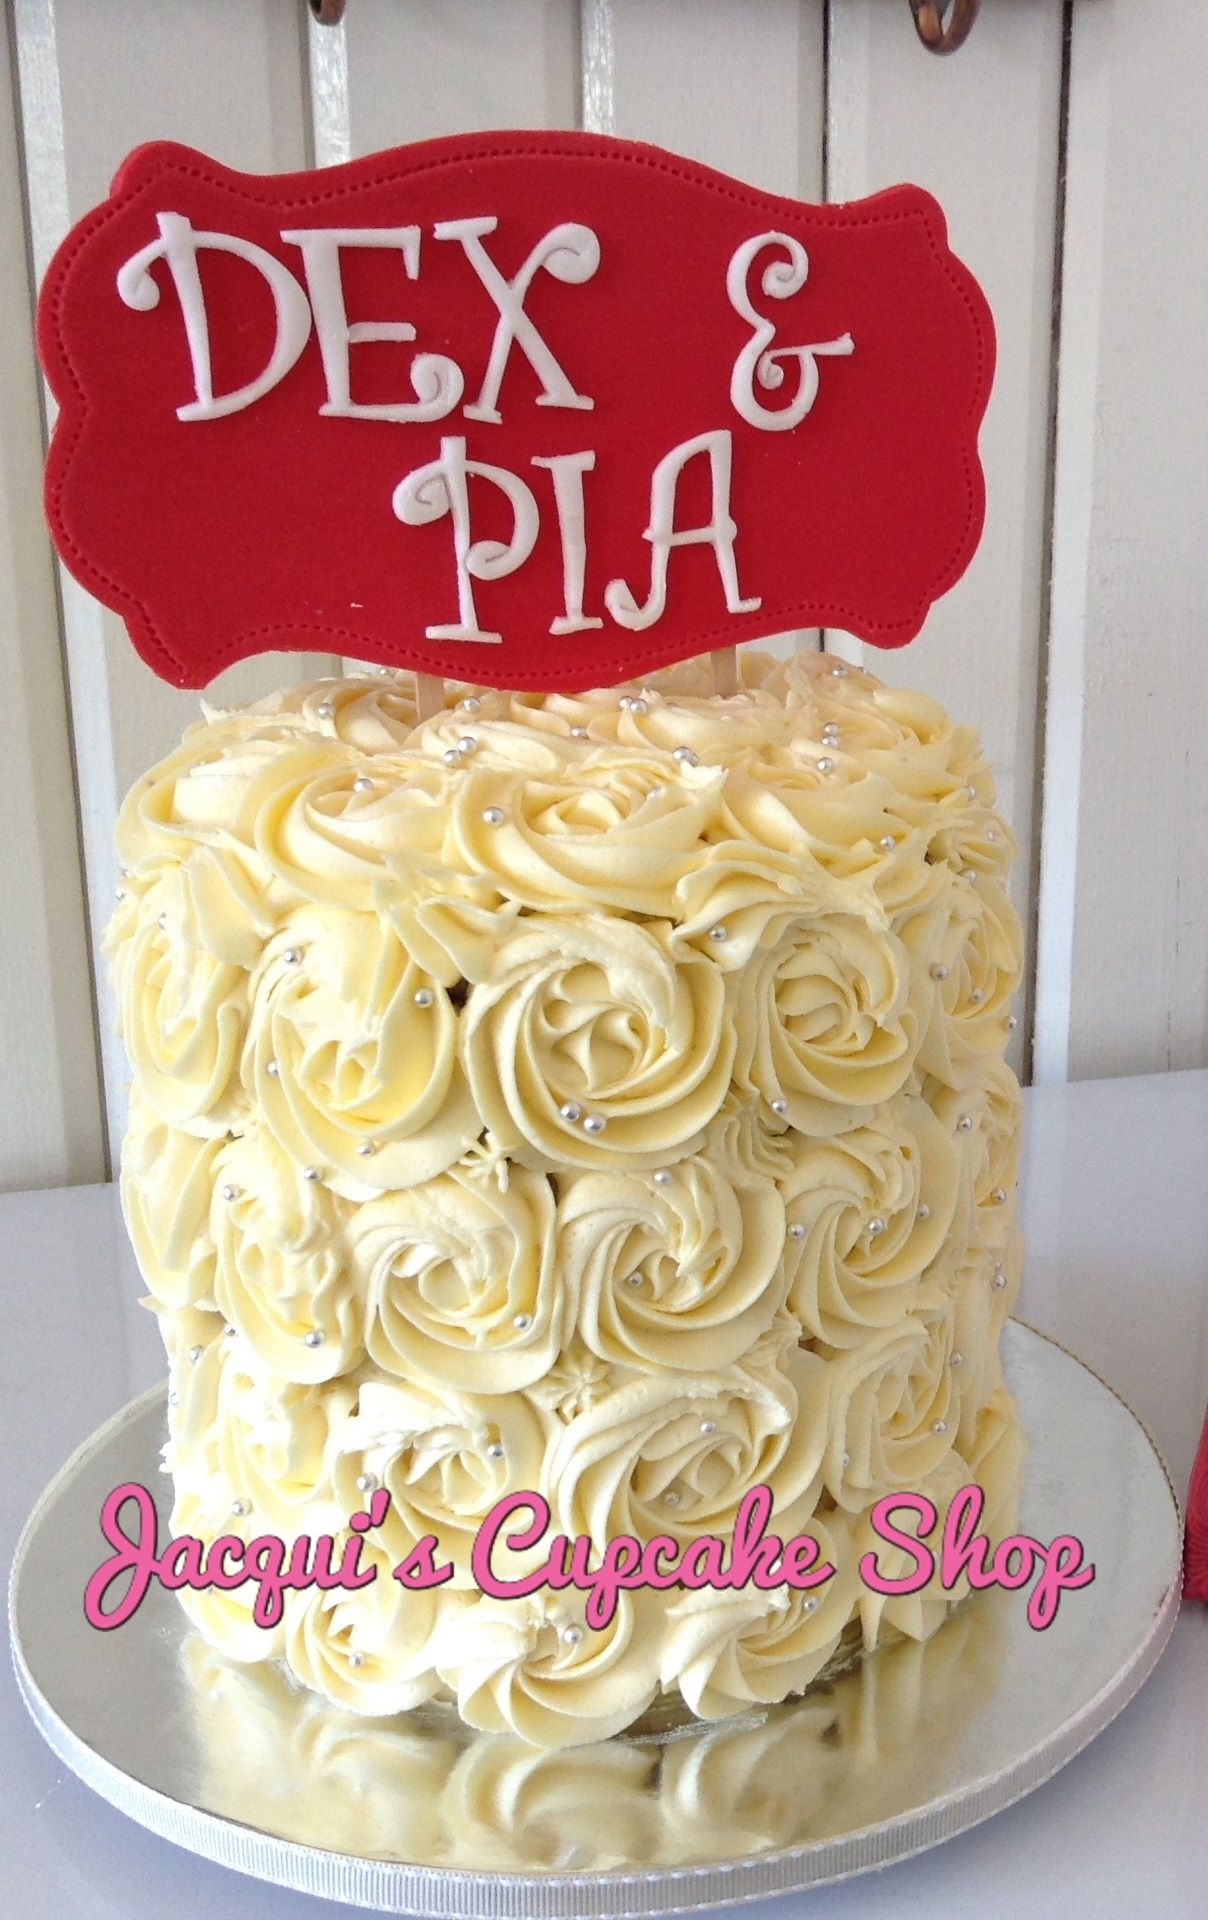 Jacqui's Customized wedding cake